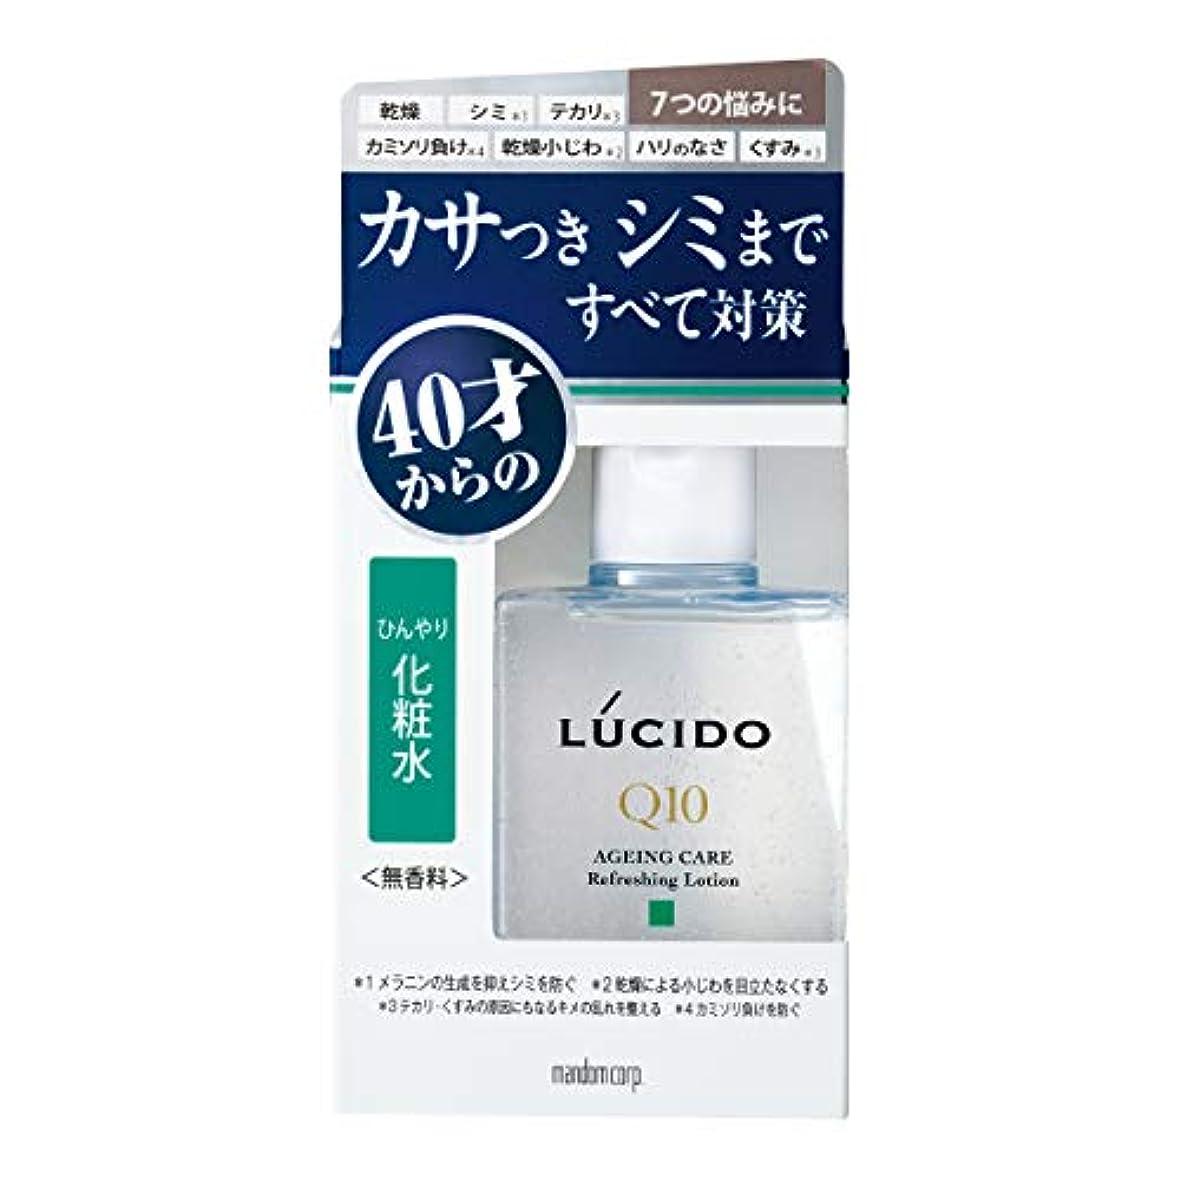 マイナス苦終わりルシード(LUCIDO)薬用 トータルケアひんやり化粧水 メンズ スキンケア さっぱり 110ml(医薬部外品)